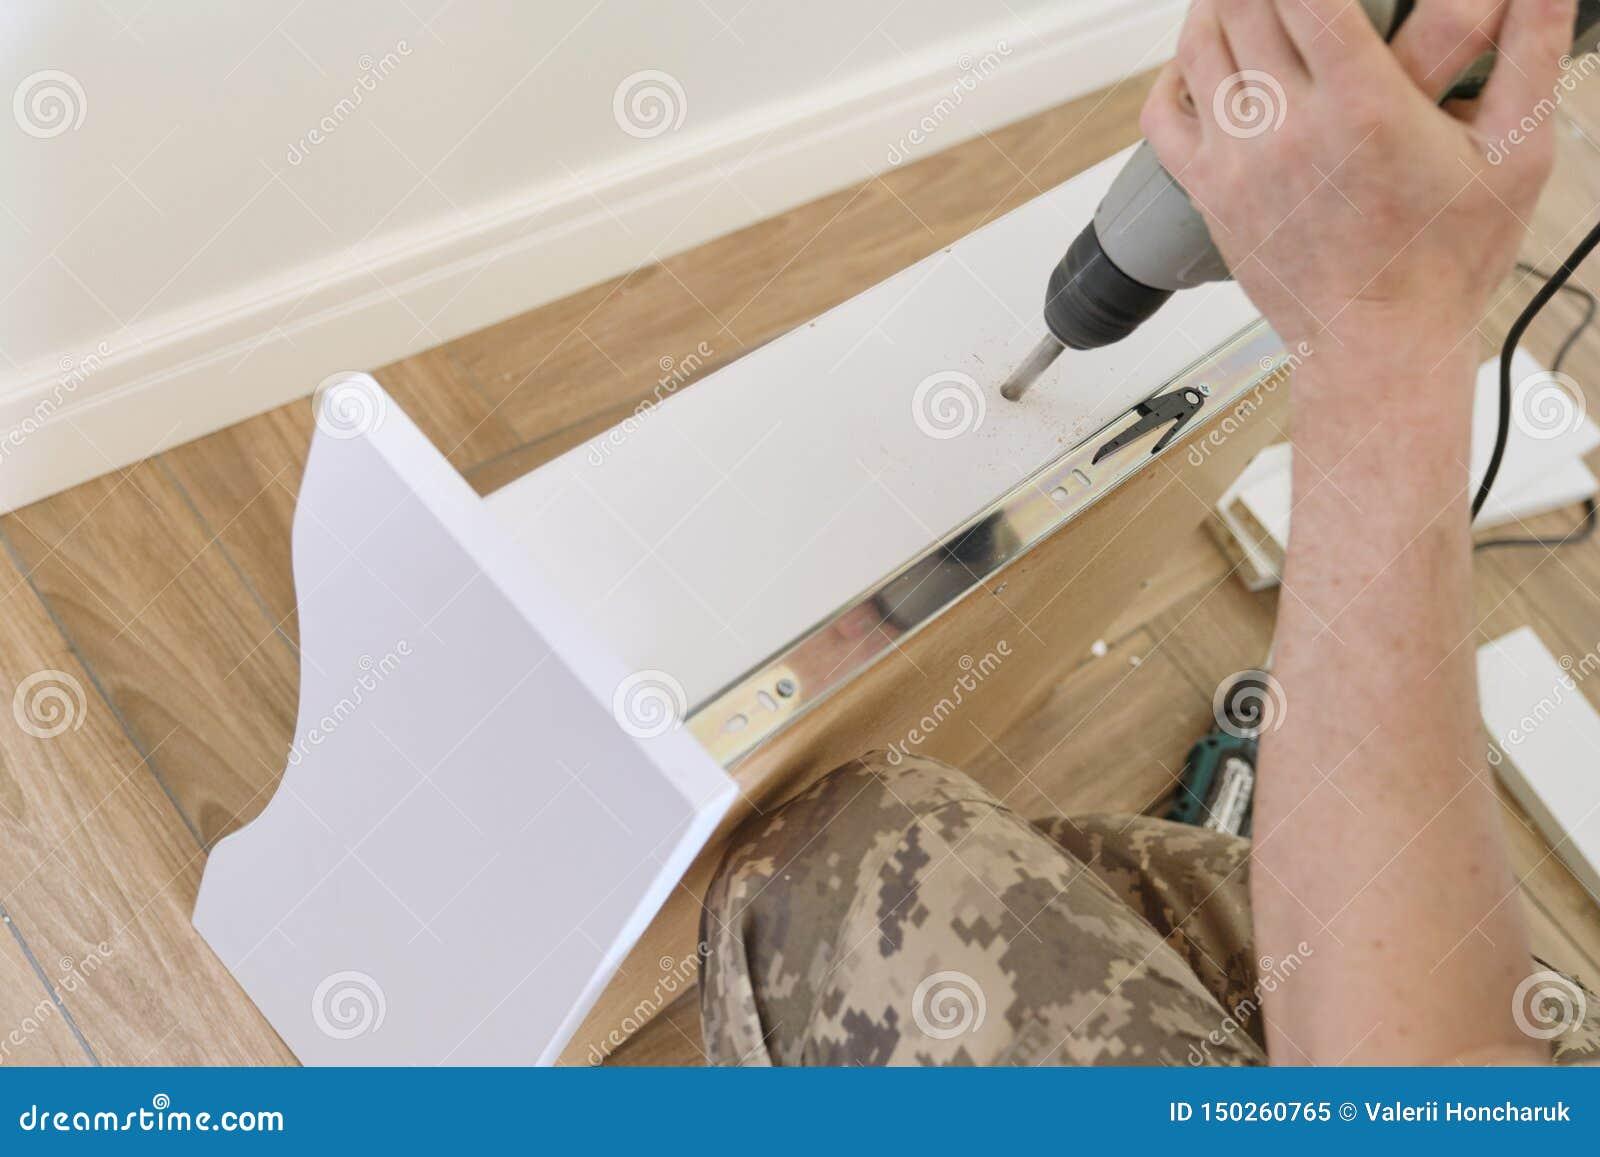 Установка мебели Крупный план работников вручает с профессиональными инструментами и деталями мебели